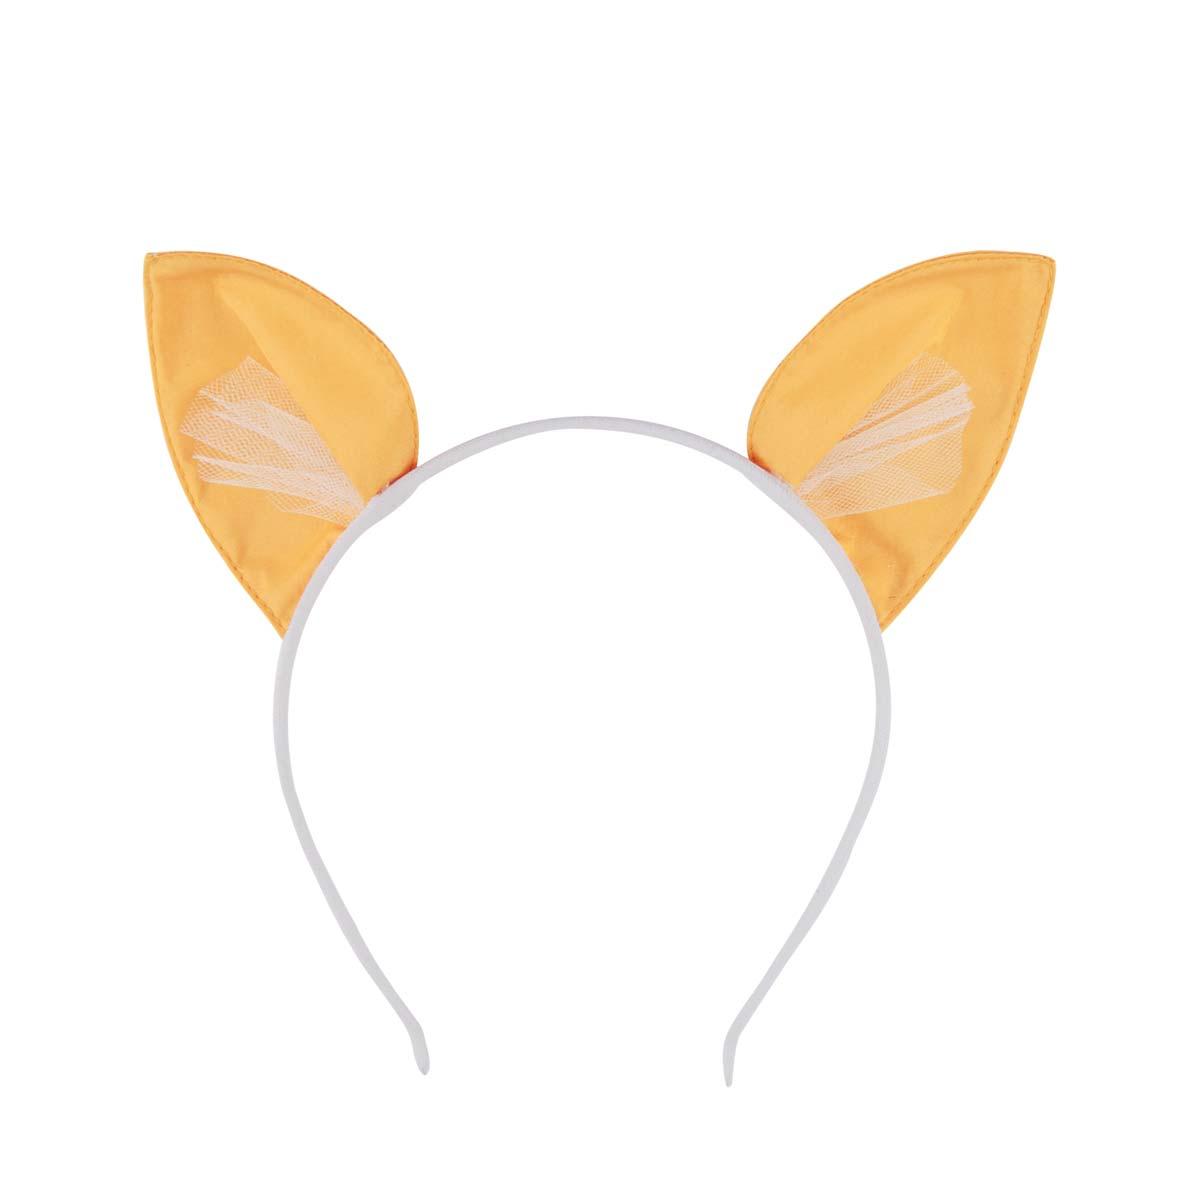 как сделать уши лисы своими руками фото этой породы блеском